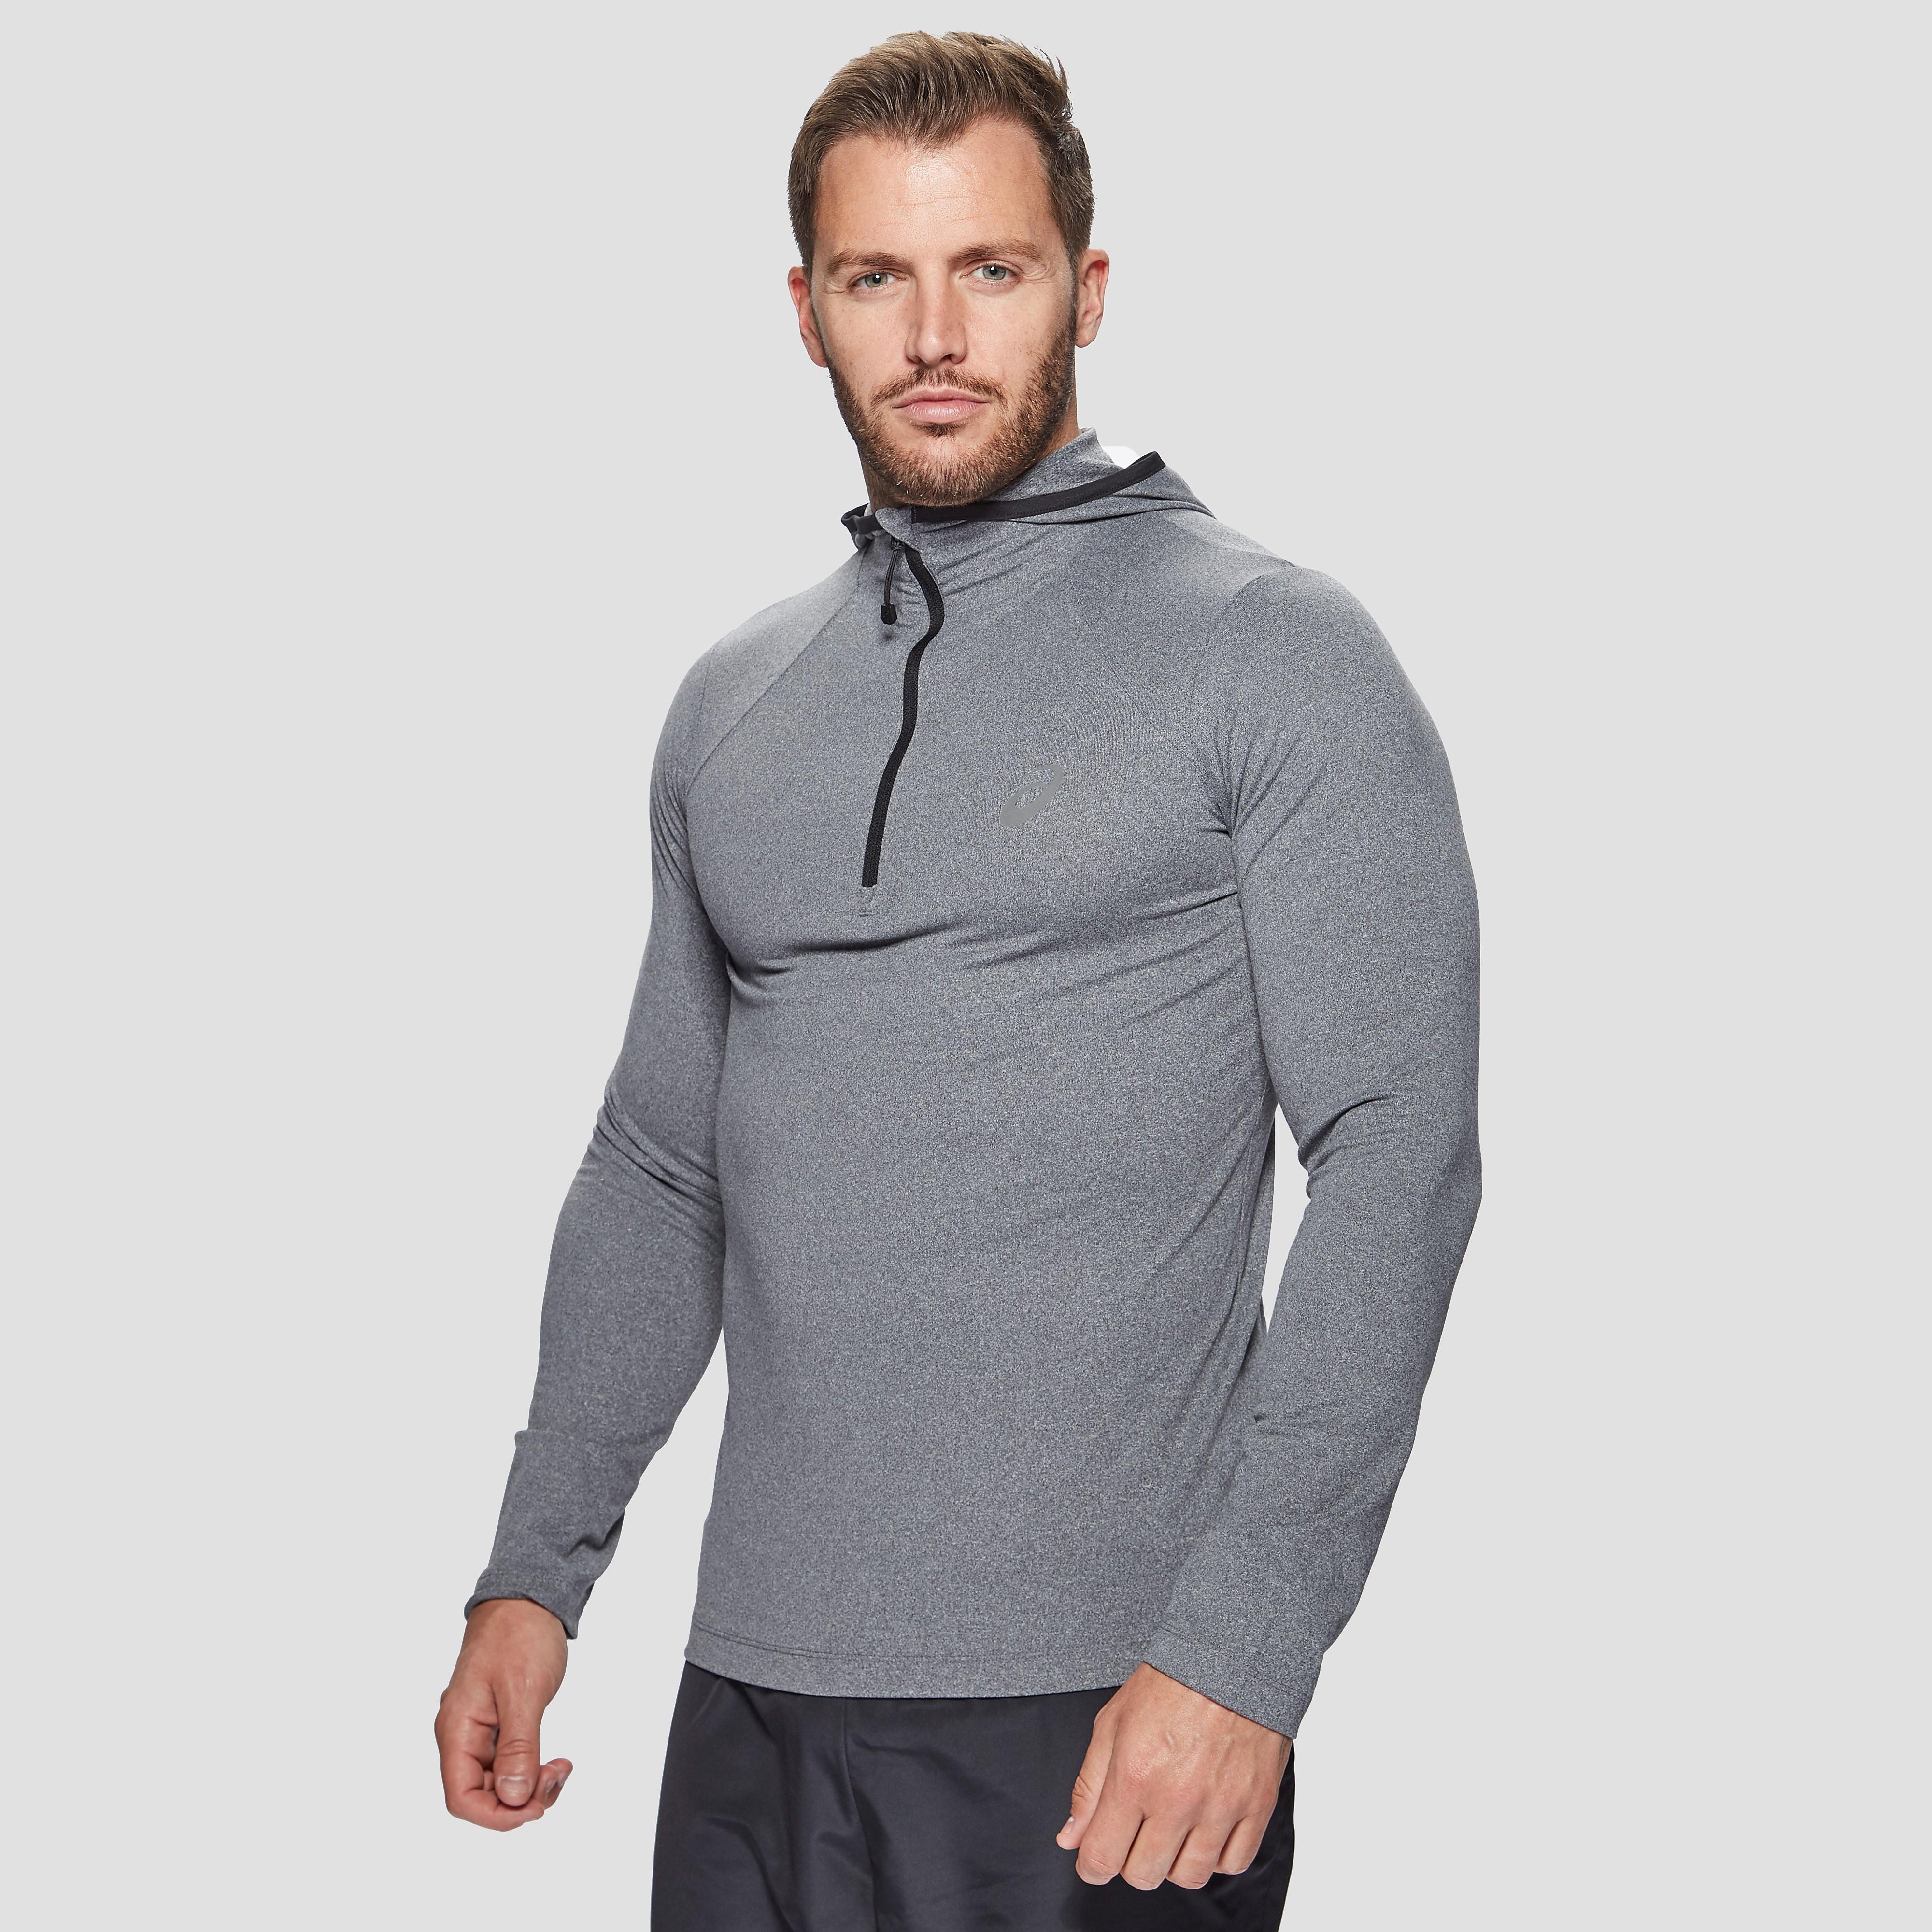 ASICS  Long Sleeved Hooded Men's Top